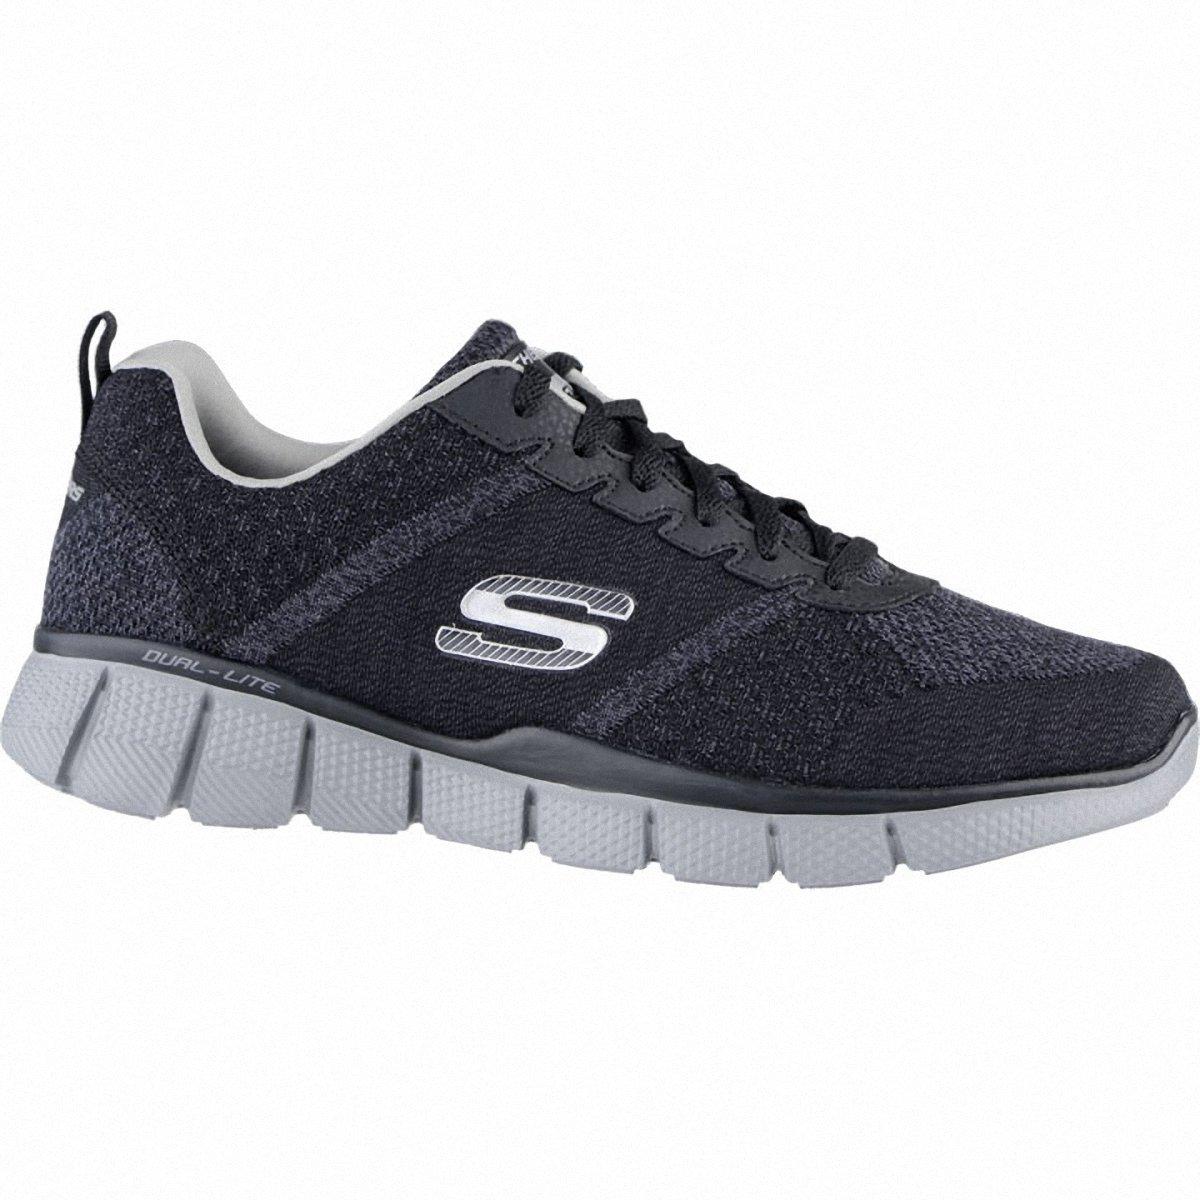 Skechers equalizer 2.0 True Balance Black/Charcoal Mens 9